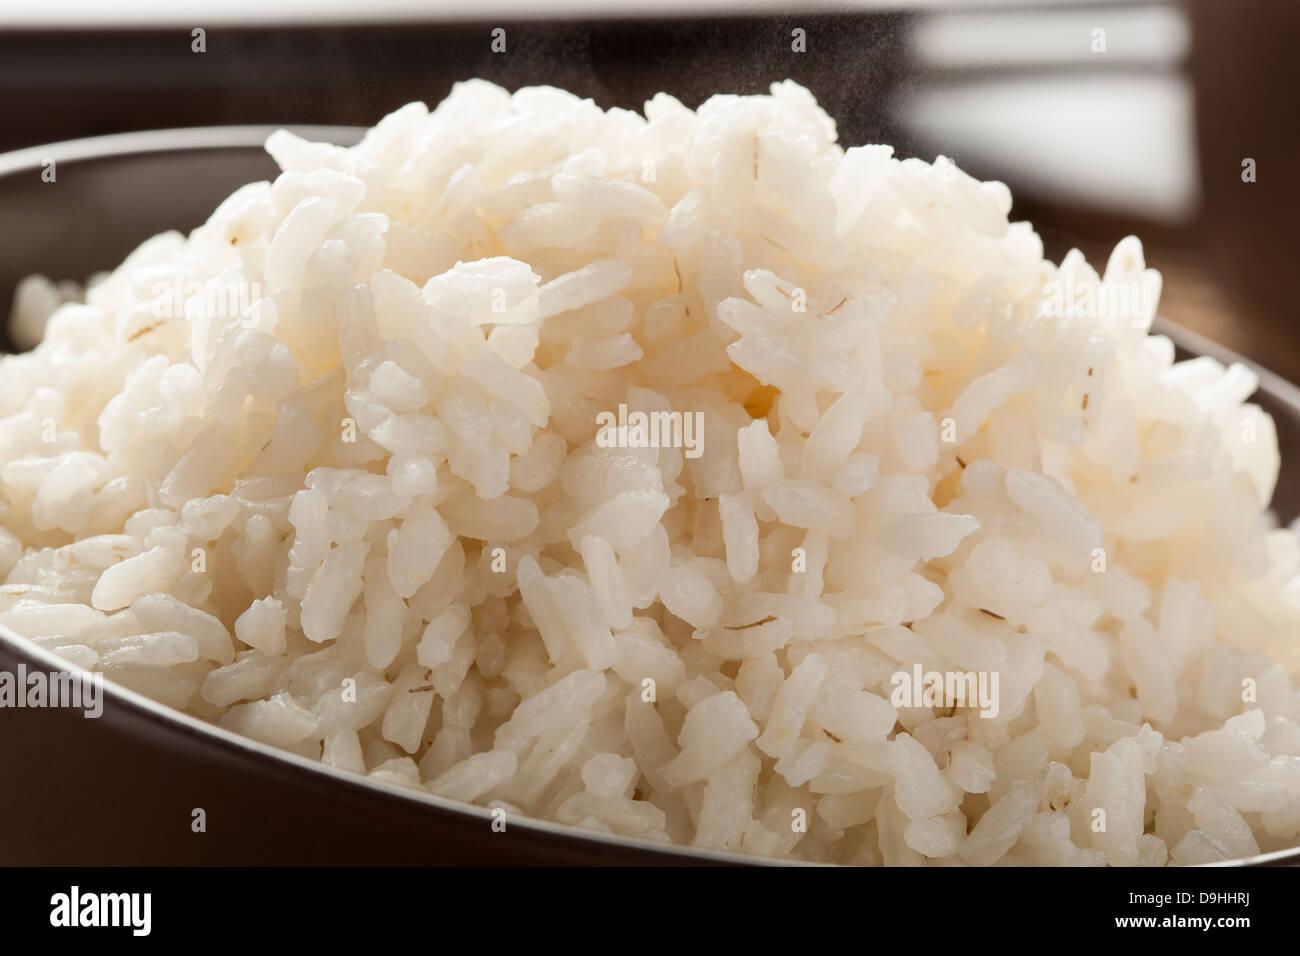 Cuenco de Arroz blanco orgánico con chop sticks Imagen De Stock